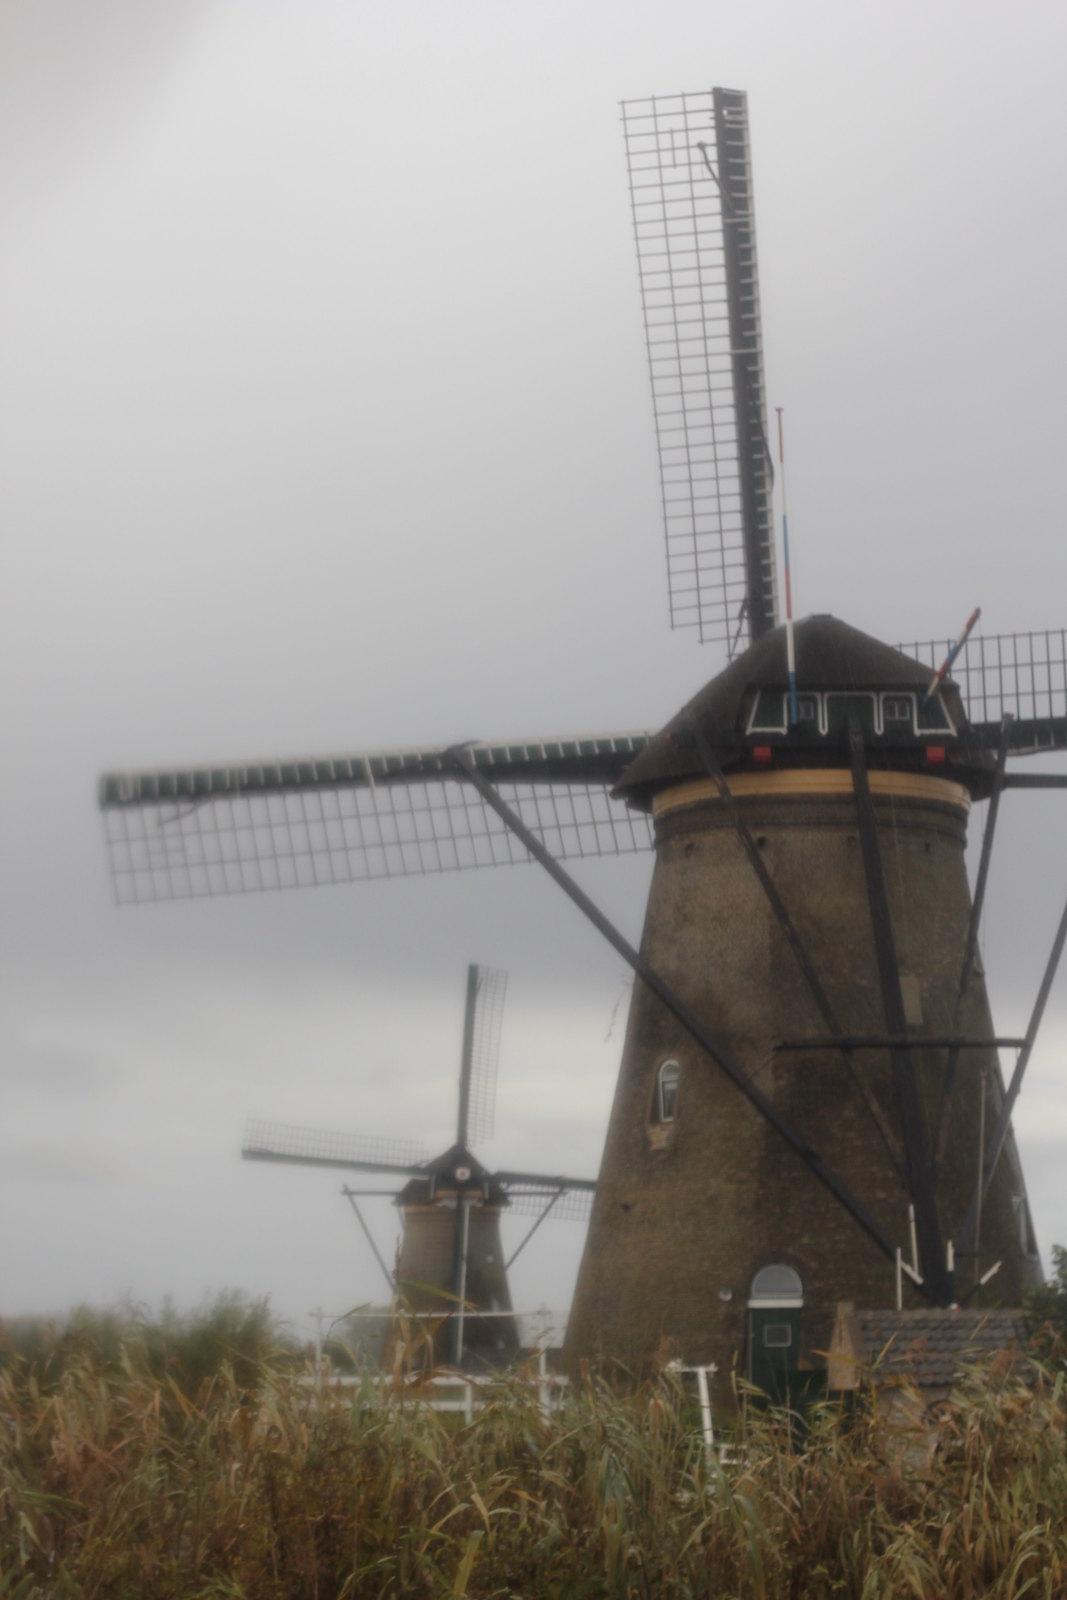 Misty Kinderdijk windmills